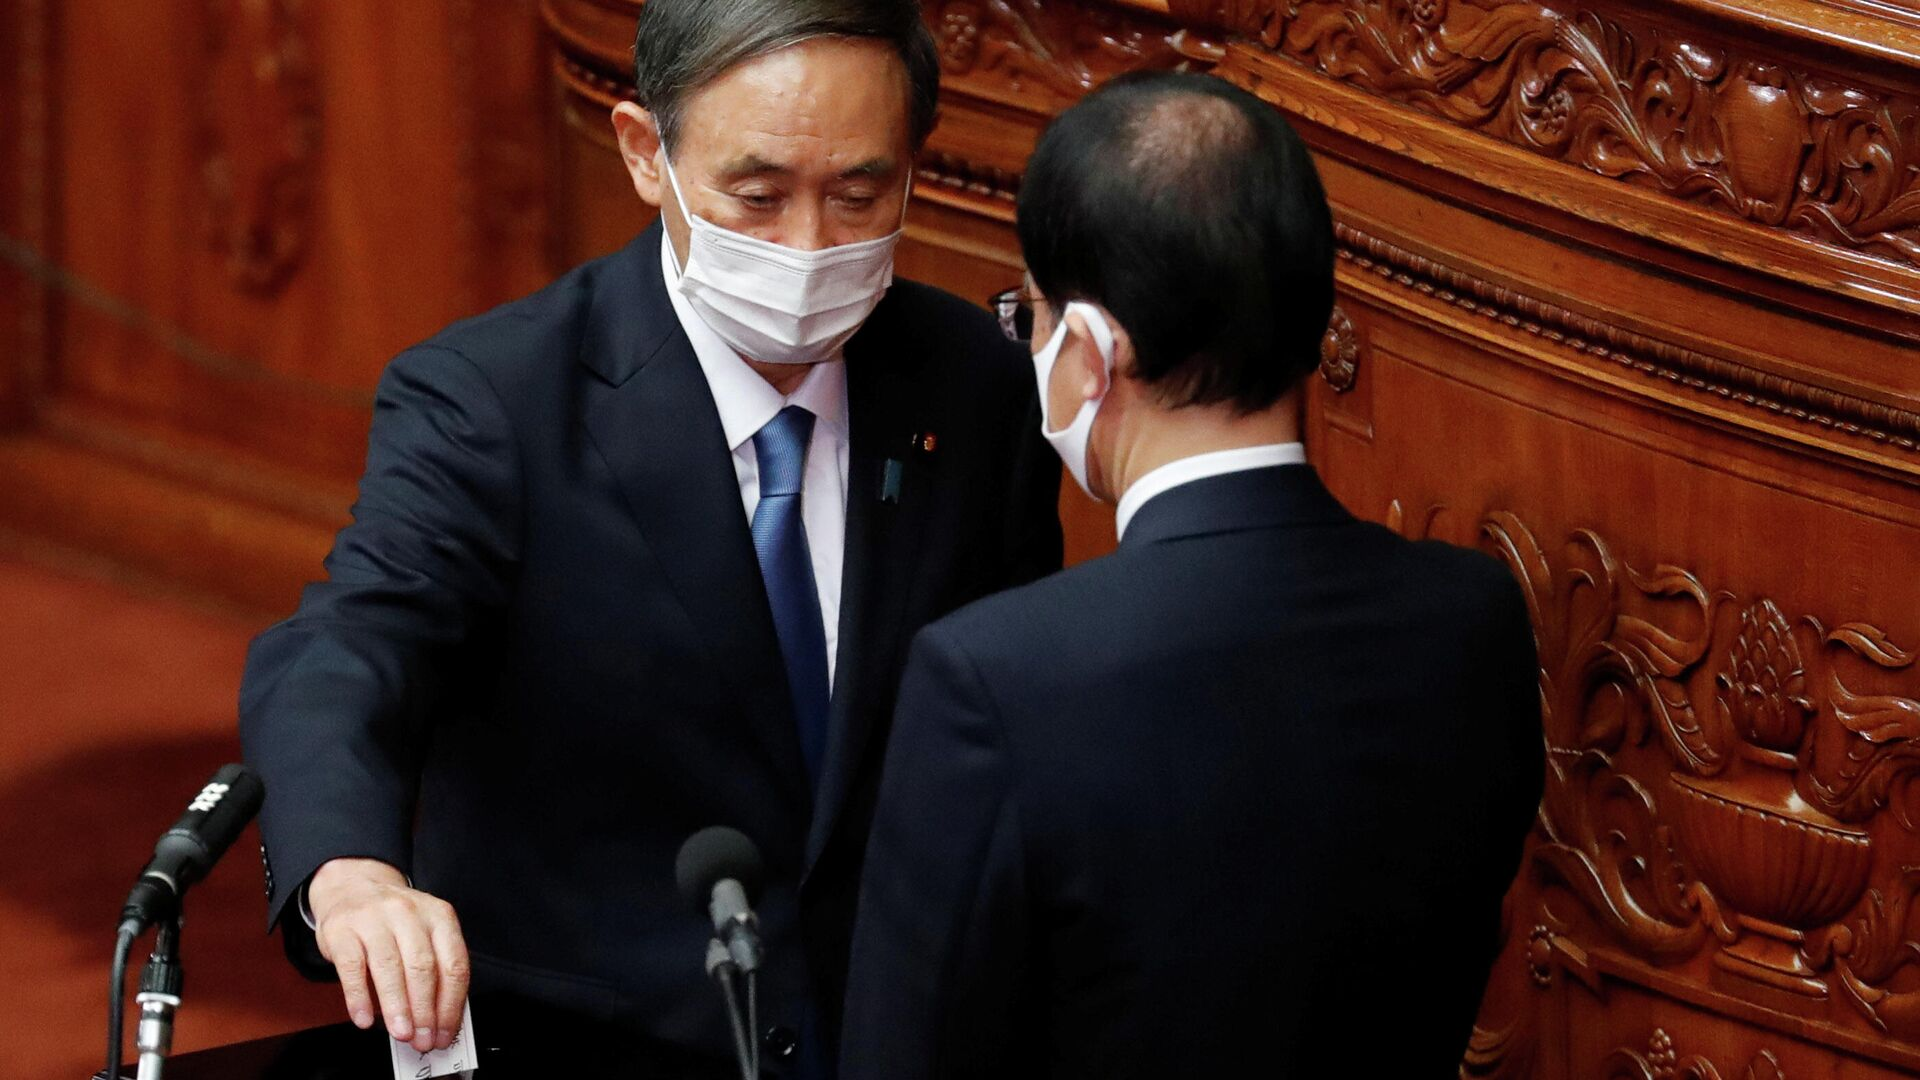 Главный секретарь кабинета министров Японии Ёсихидэ Суга голосует за избрание нового премьер-министра в нижней палате парламента в Токио, Япония - РИА Новости, 1920, 16.09.2020